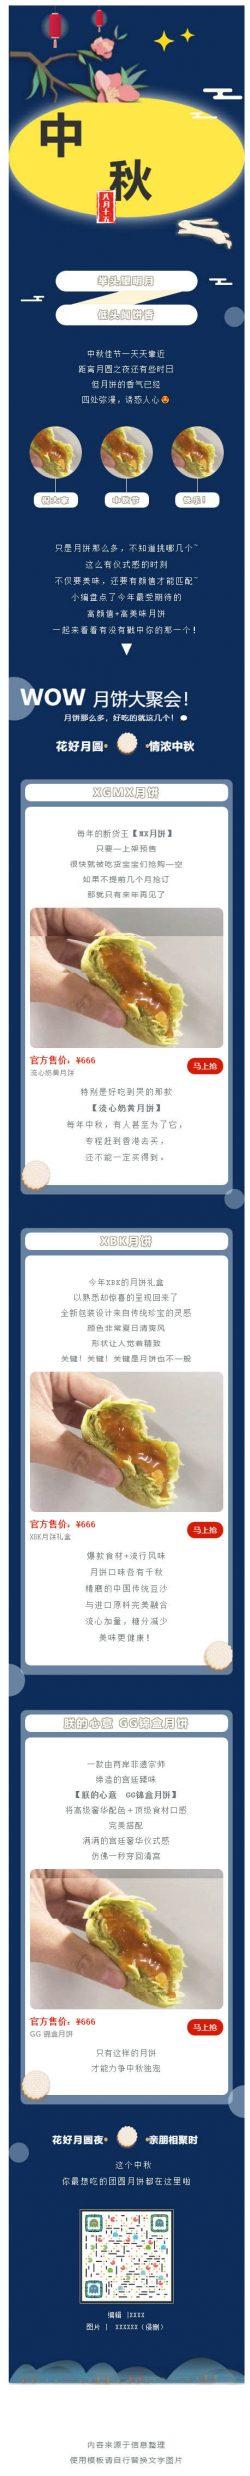 中秋节中国传统节日 素材模板微信推送推文公众号图文模板